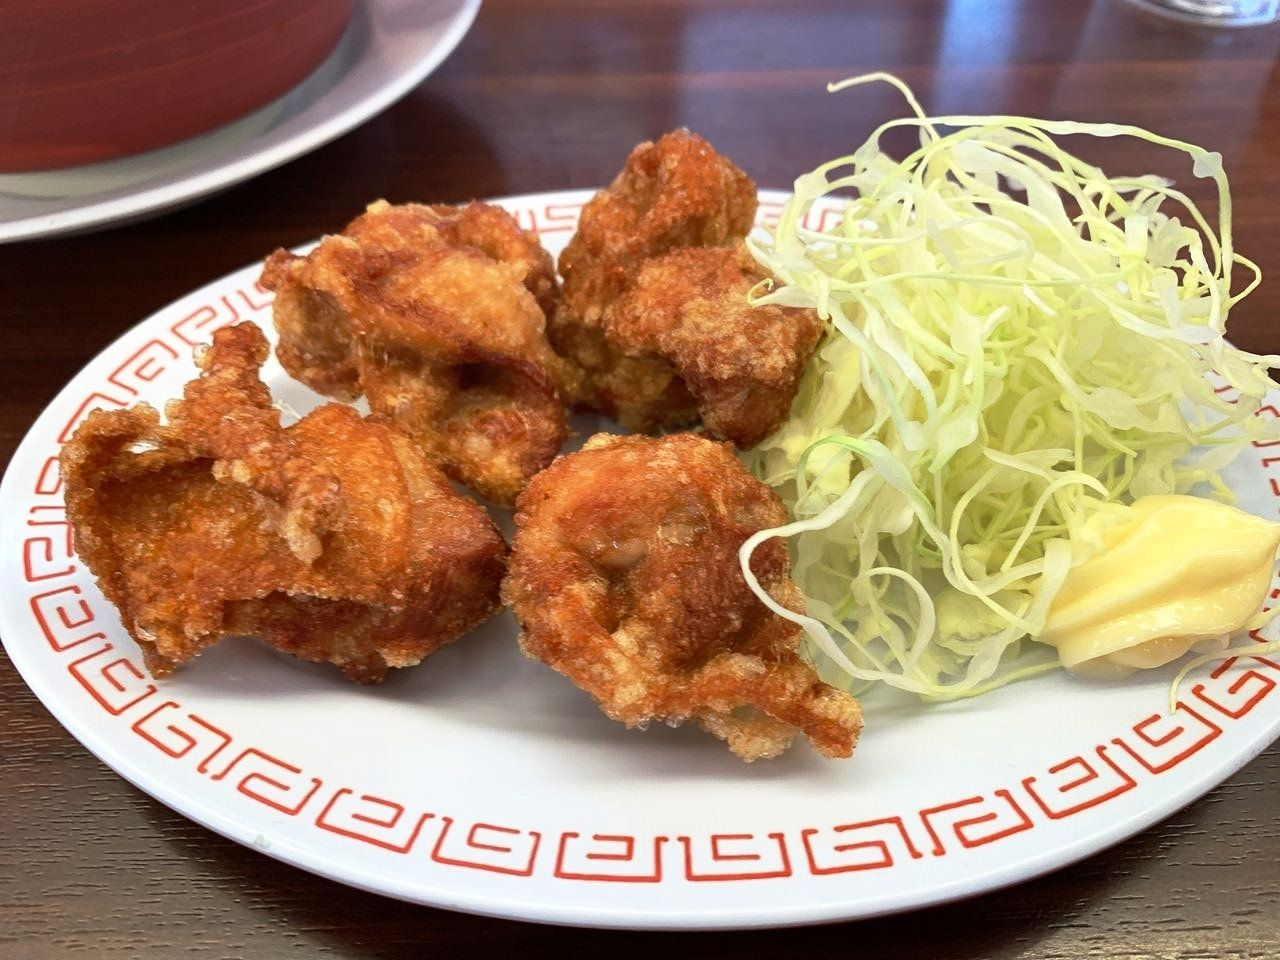 【三郷市食べ歩きブログ】三郷市上彦名にある「京都北白川ラーメン魁力屋三郷店」へ行ってきました!